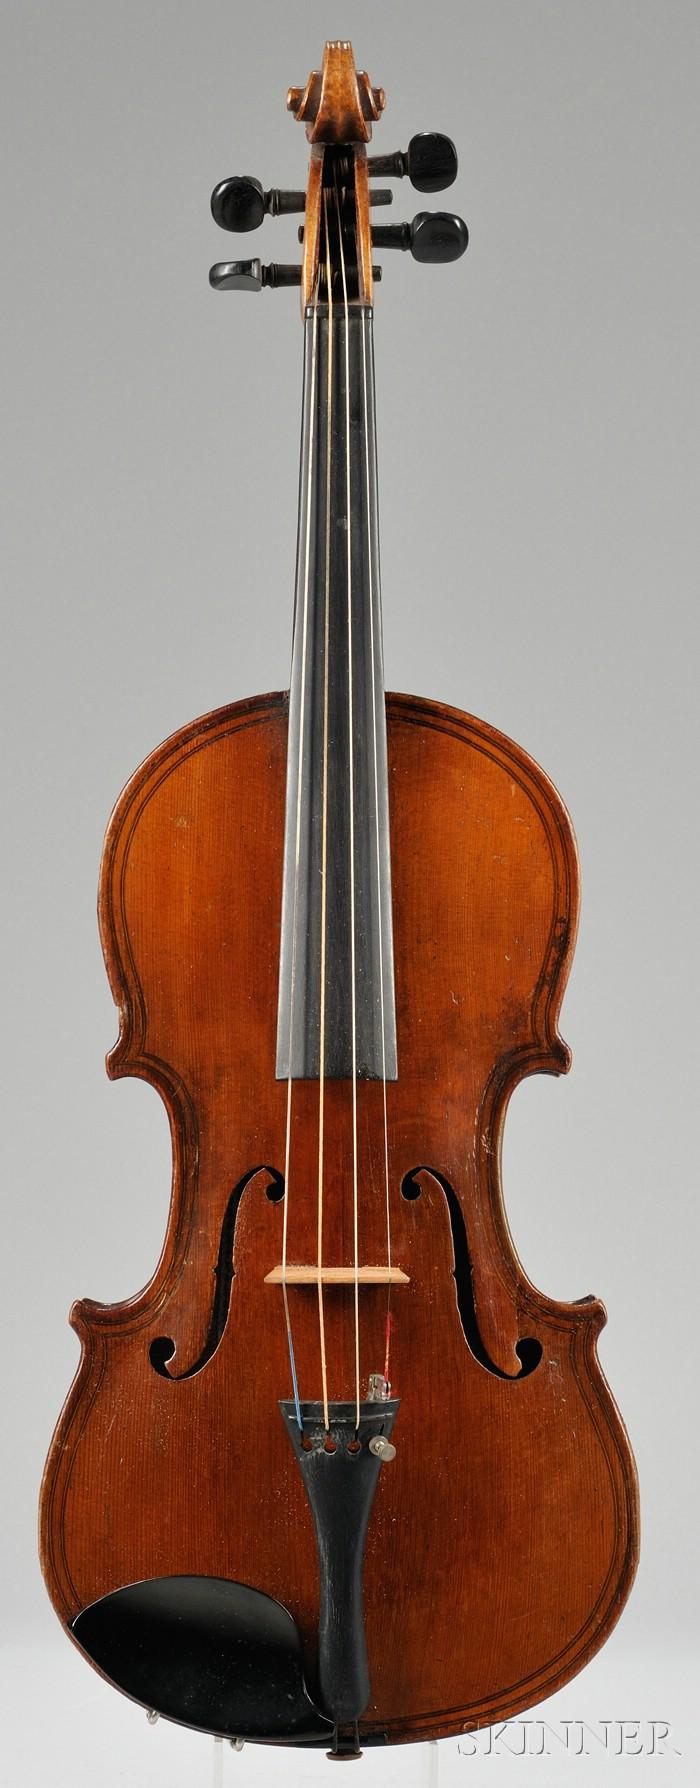 Markneukirchen Violin, Oskar Bernard Heinel, 1903